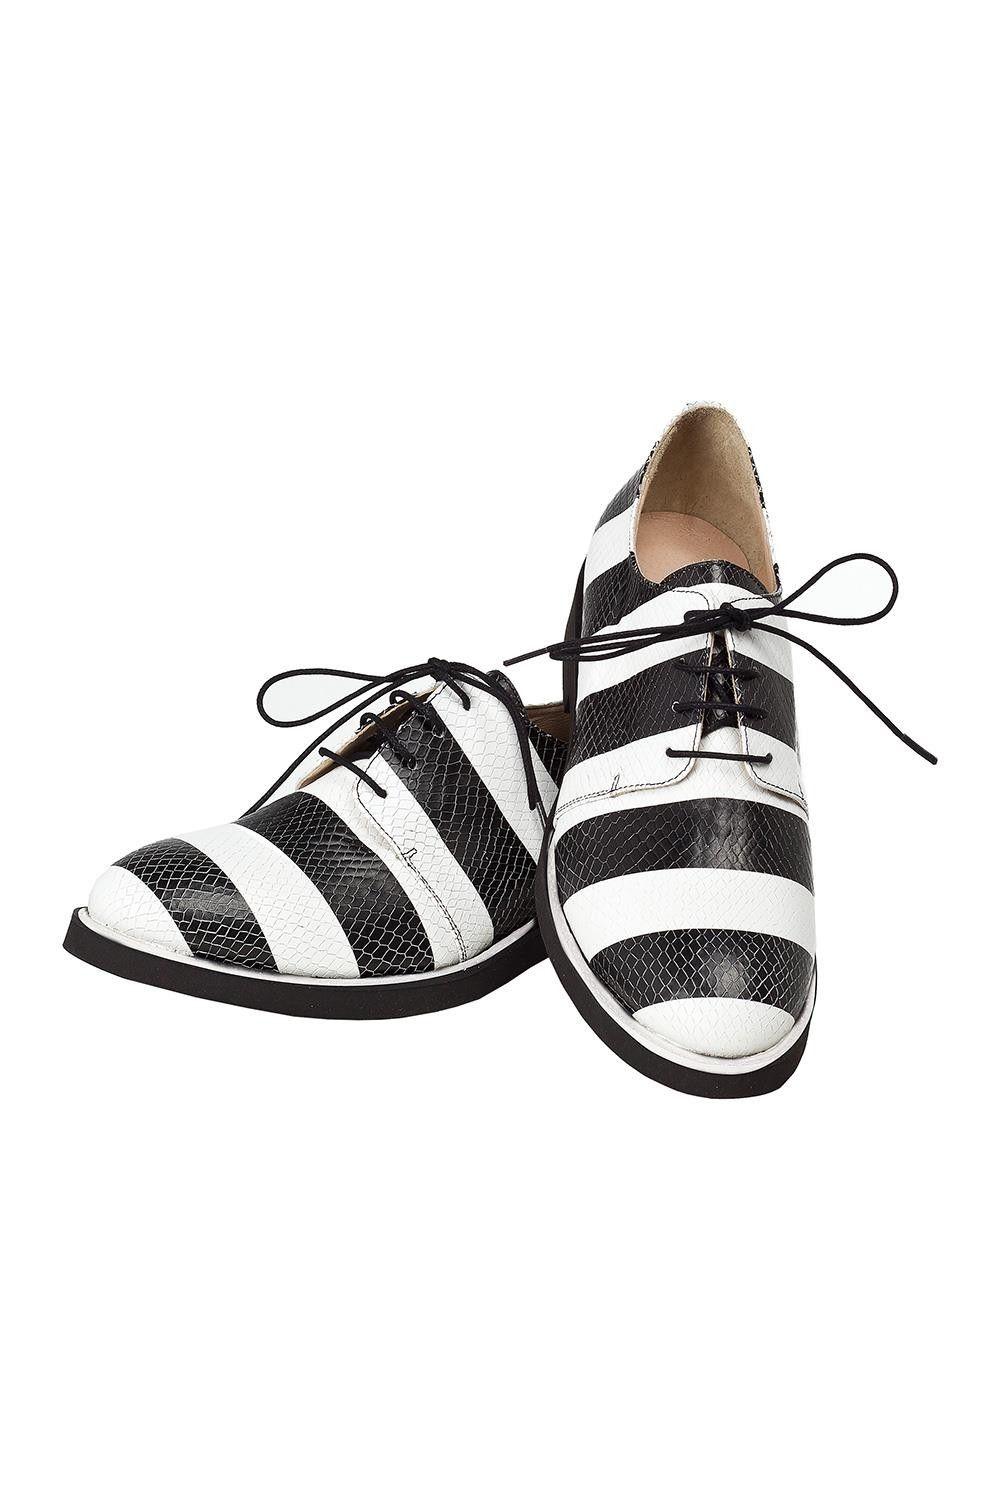 Chaussure Ref: Charlie MRevhca